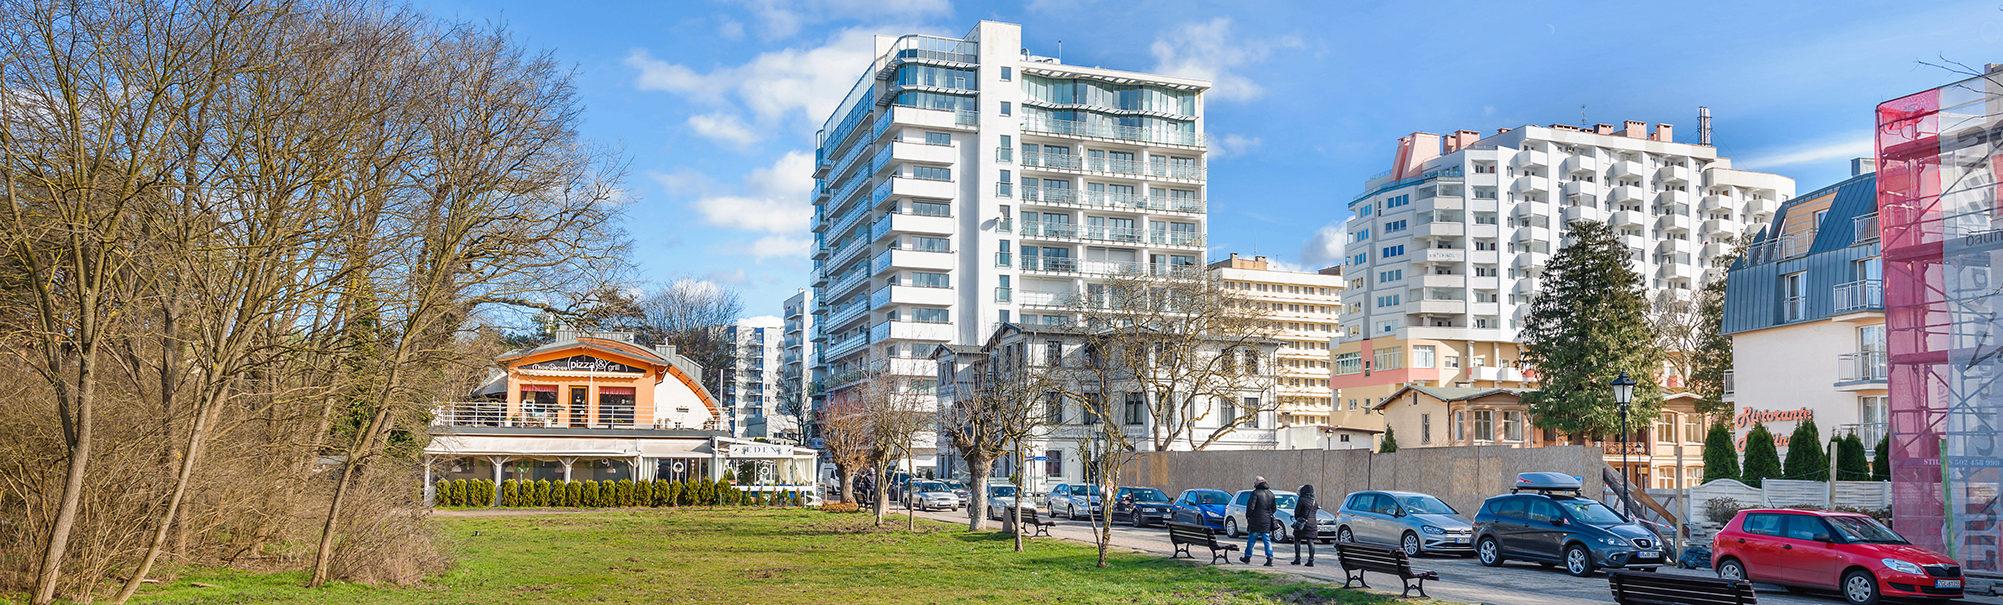 Wechta - Promenada Gwiazd, Apartament 602 z widokiem na morze